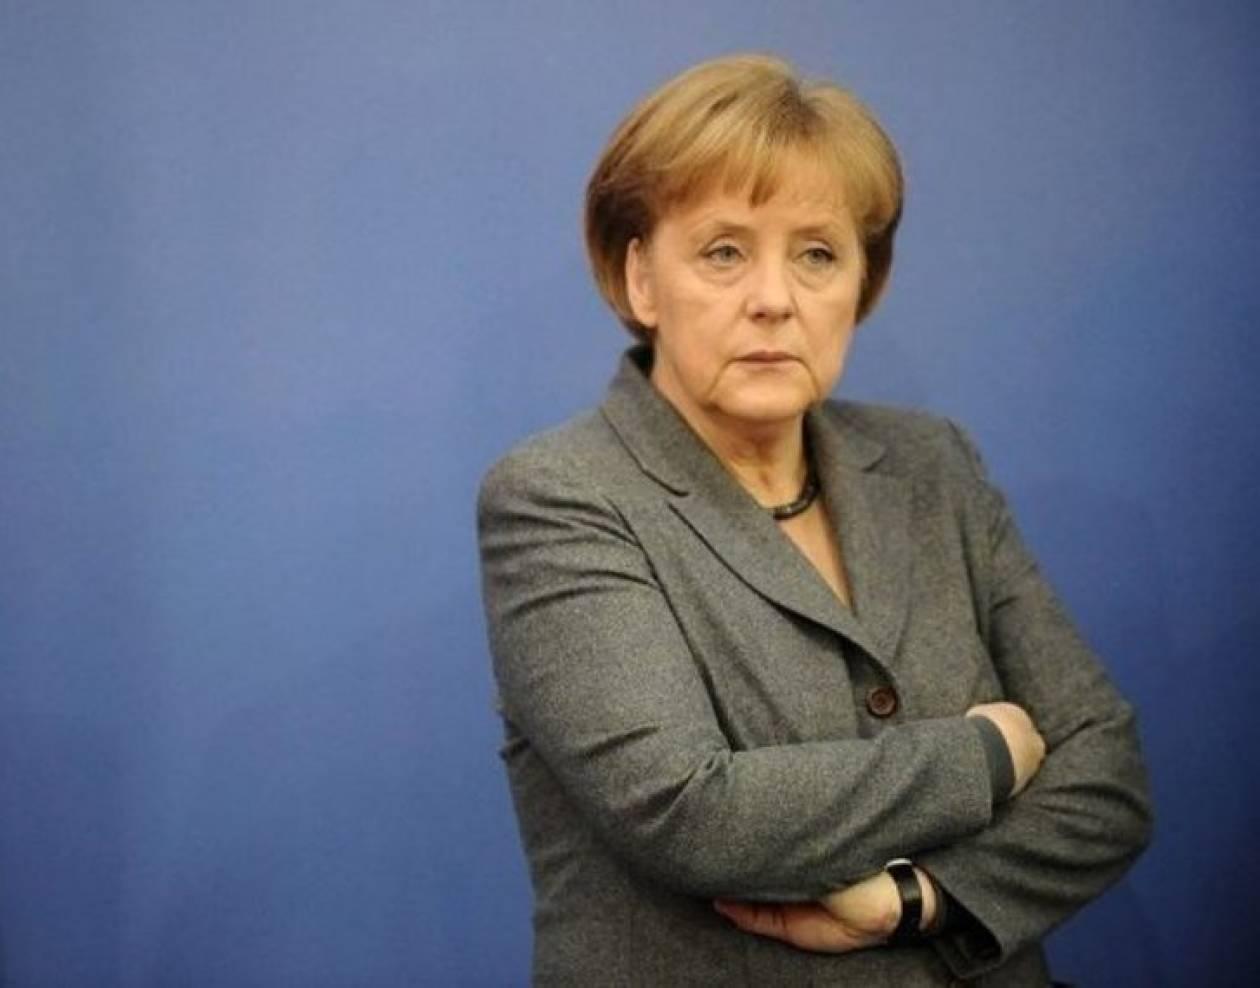 Μέρκελ: Αλλαγές συνθηκών για σταθερότητα του ευρώ